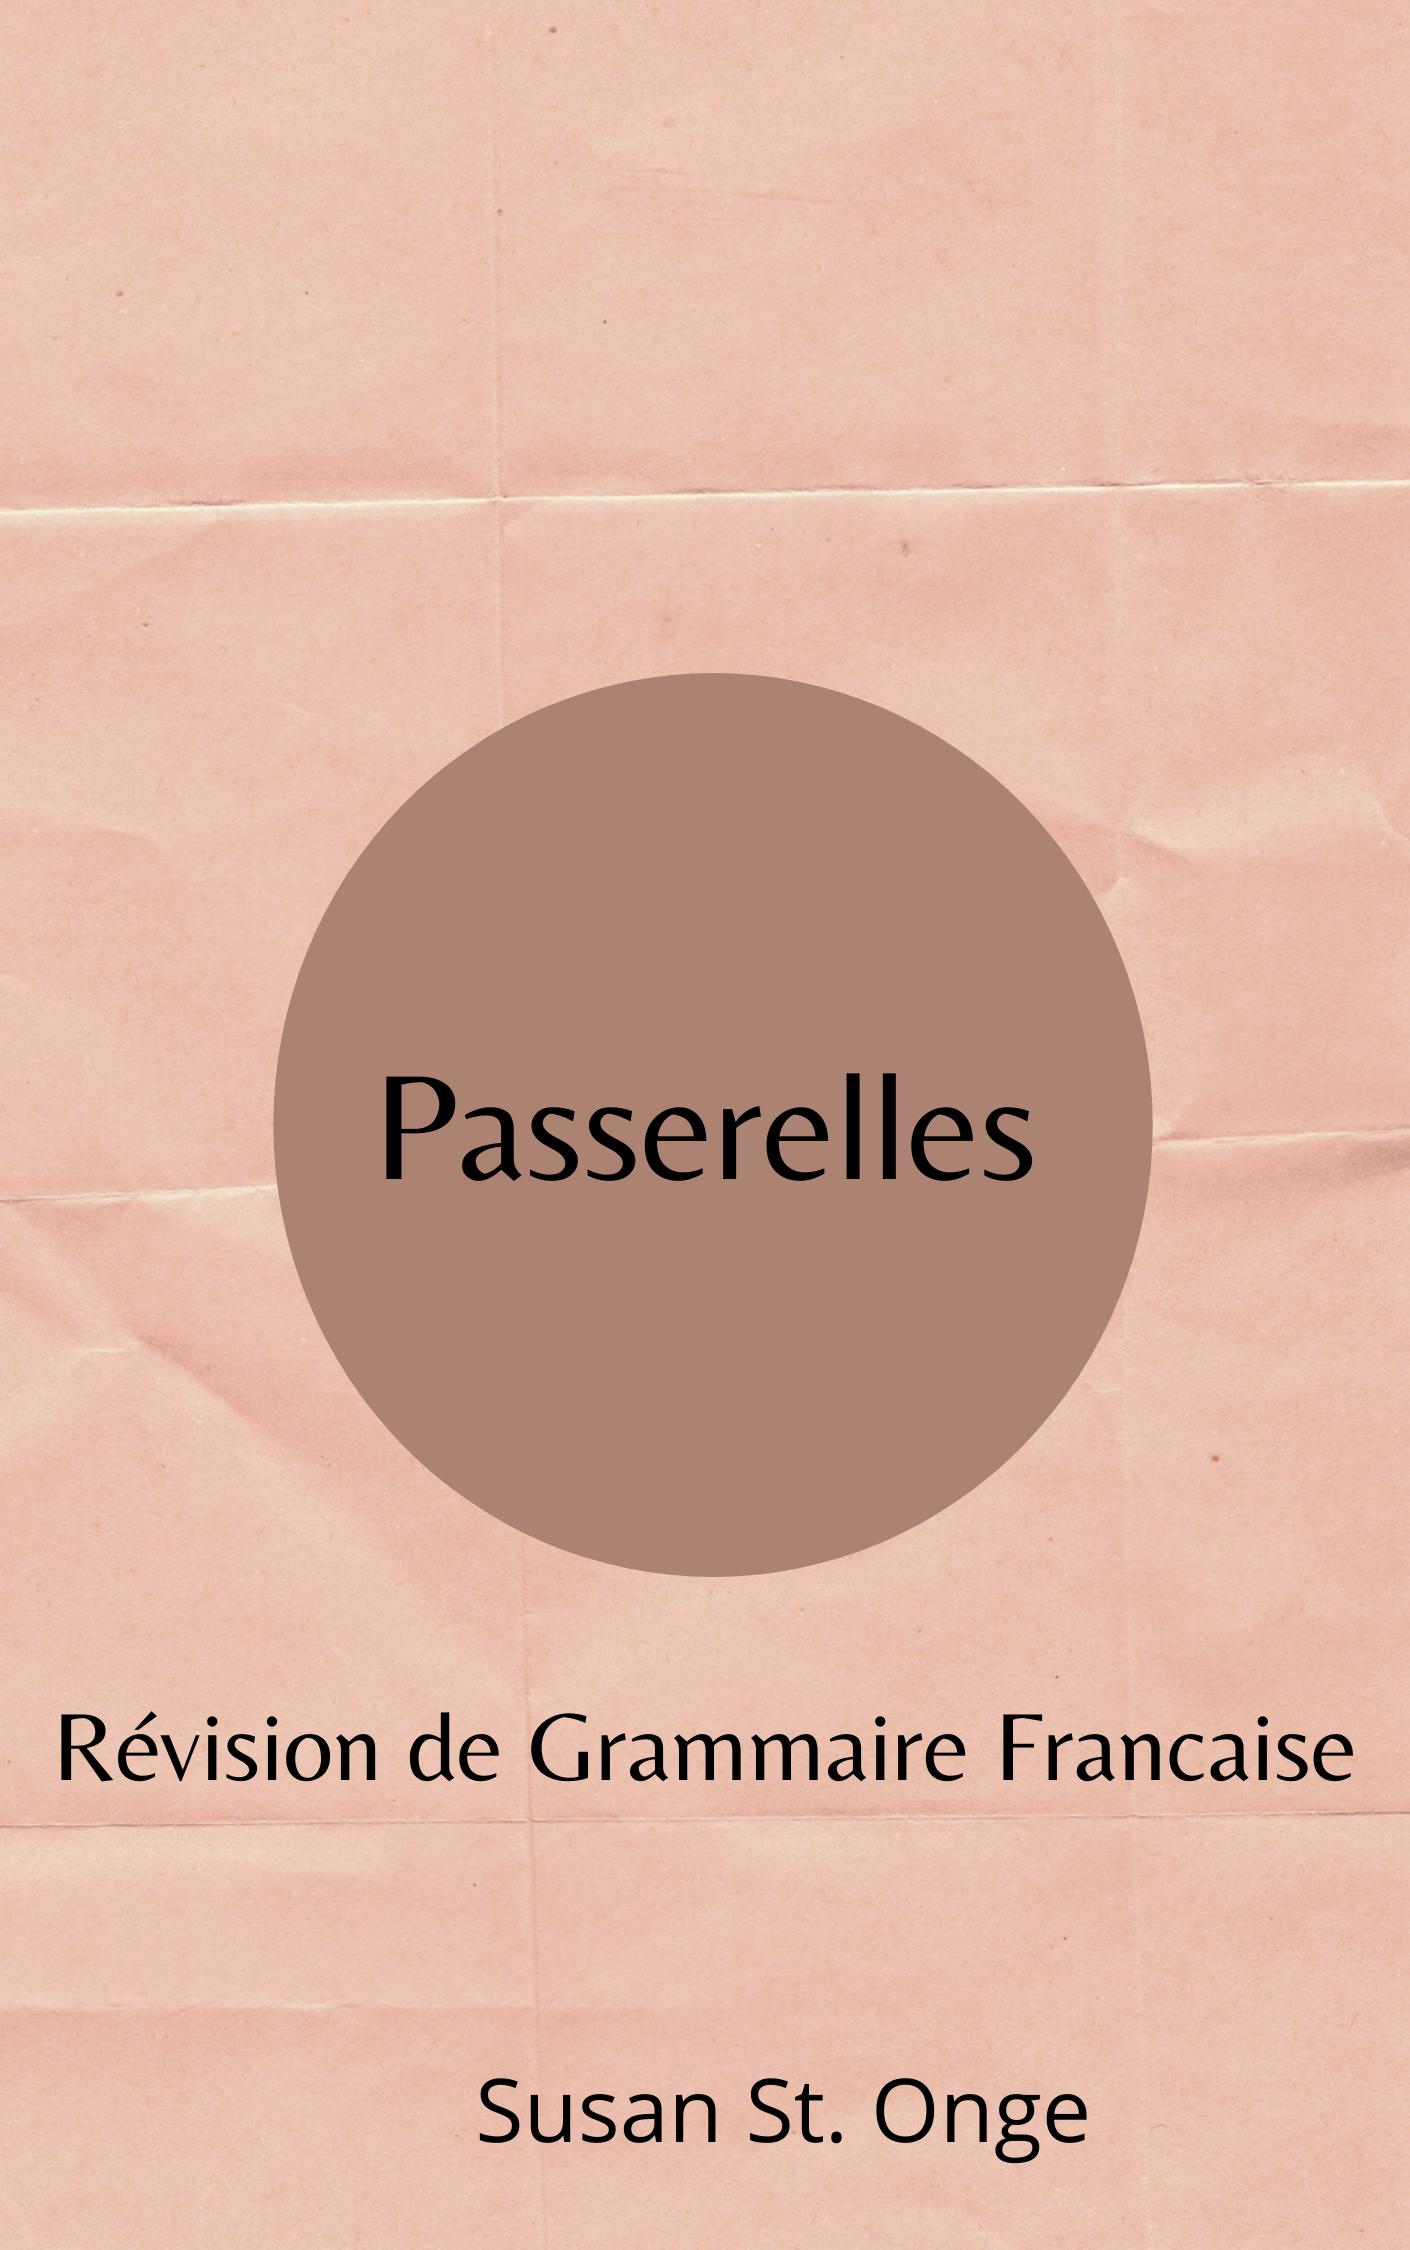 Passerelles: Révision de Grammaire Francaise